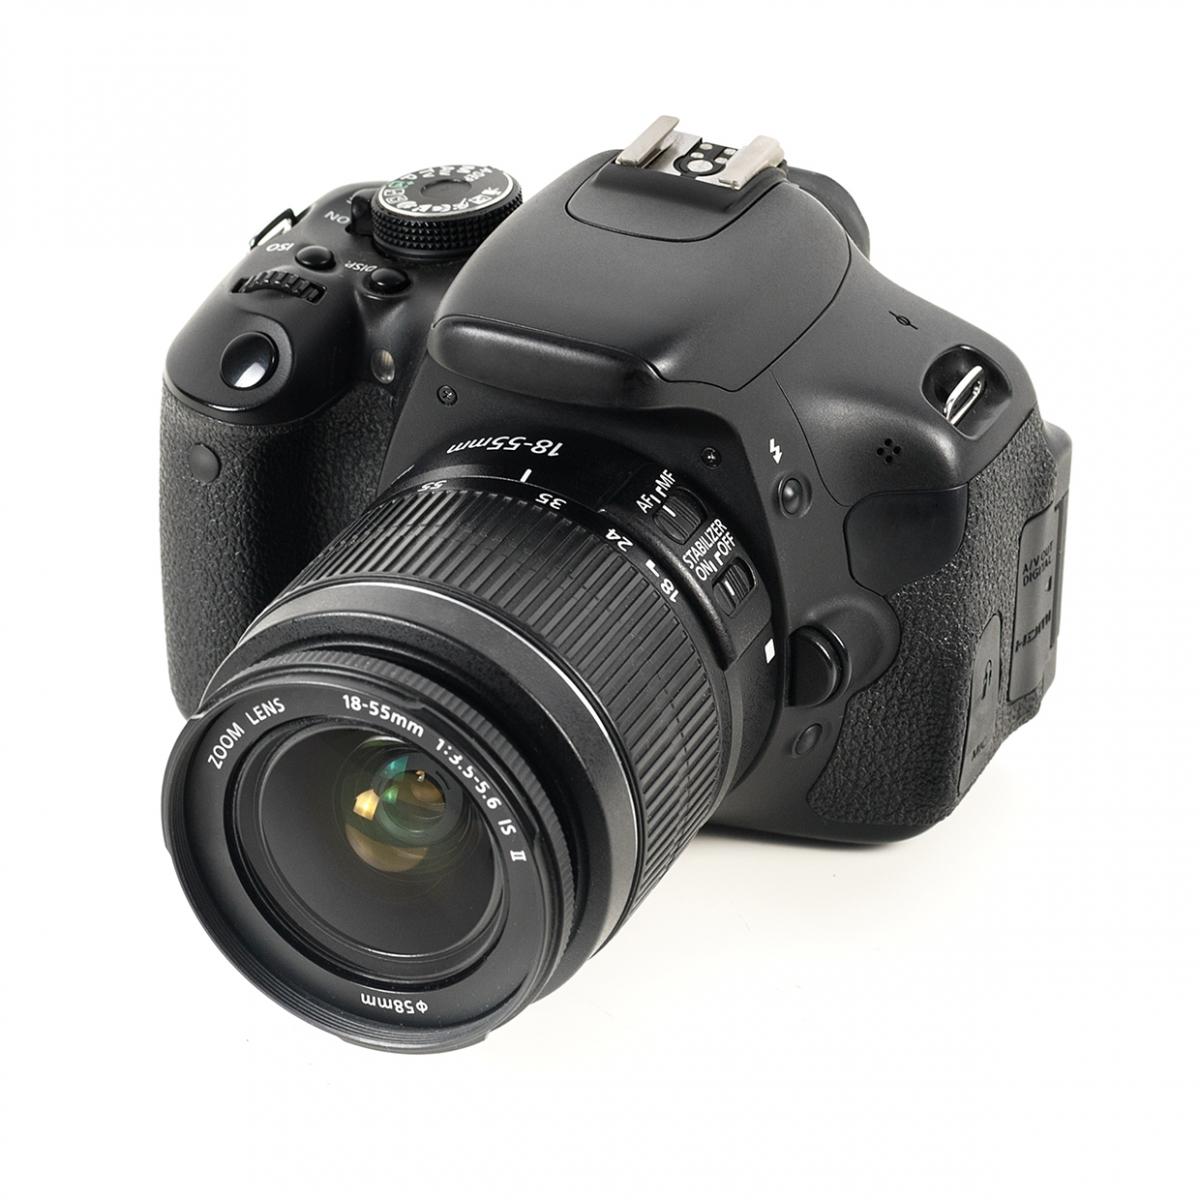 Imagen en la que aparece una cámara de fotos